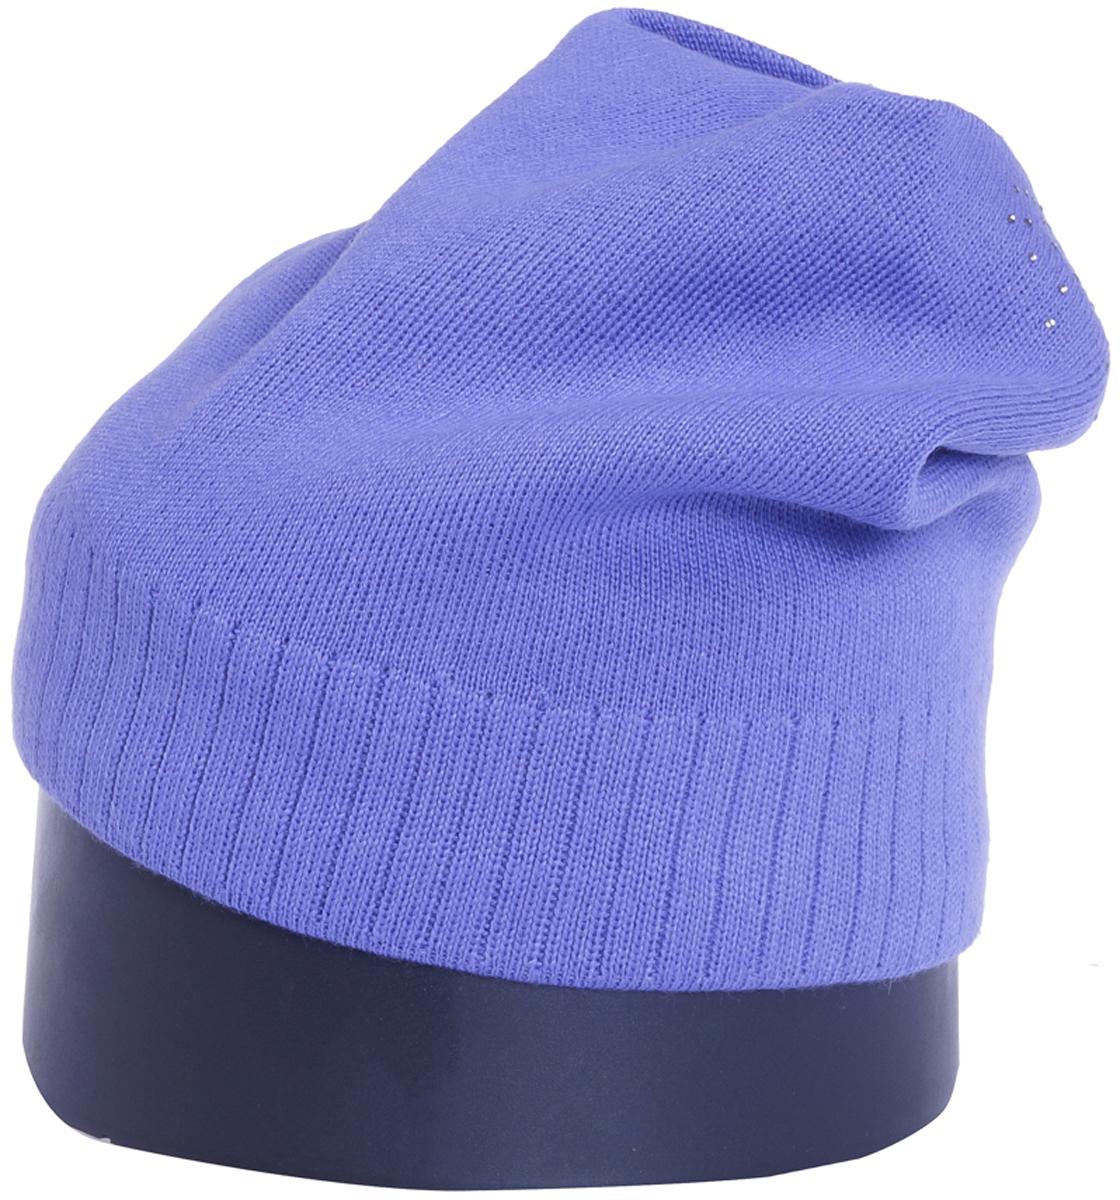 Шапка женская Vittorio Richi, цвет: гиацинт. Aut141902C-66/17. Размер 56/58Aut141902CУдлиненная женская шапка Vittorio Richi отлично дополнит ваш образ в холодную погоду. Модель, изготовленная из шерсти с добавлением полиамида, максимально сохраняет тепло и обеспечивает удобную посадку. Шапка декорирована сзади узором из страз. Привлекательная стильная шапка подчеркнет ваш неповторимый стиль и индивидуальность.